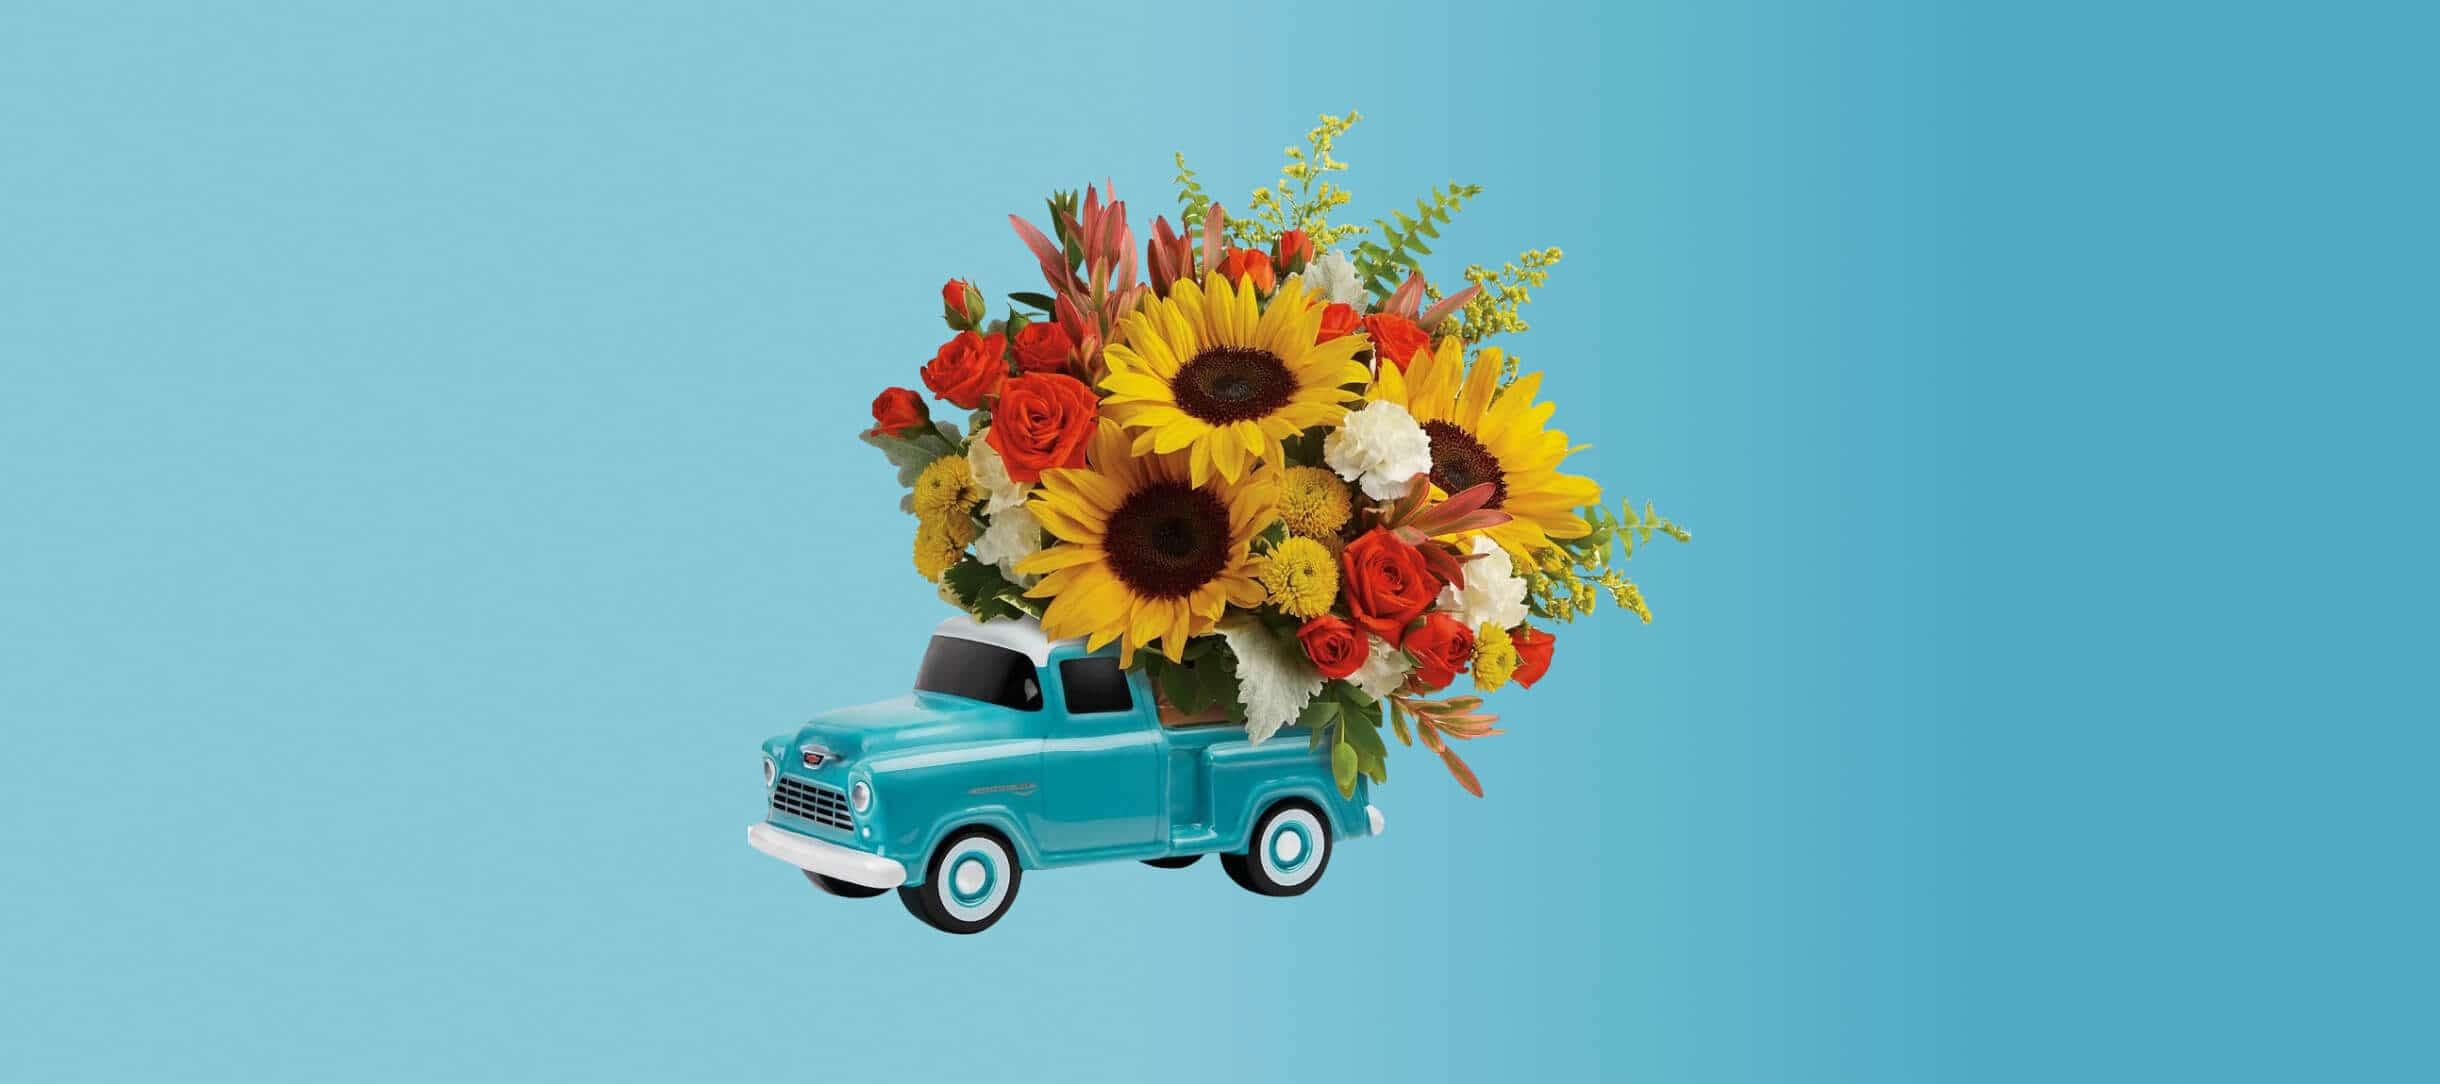 Игрушечный пикап с букетом цветов в кузове